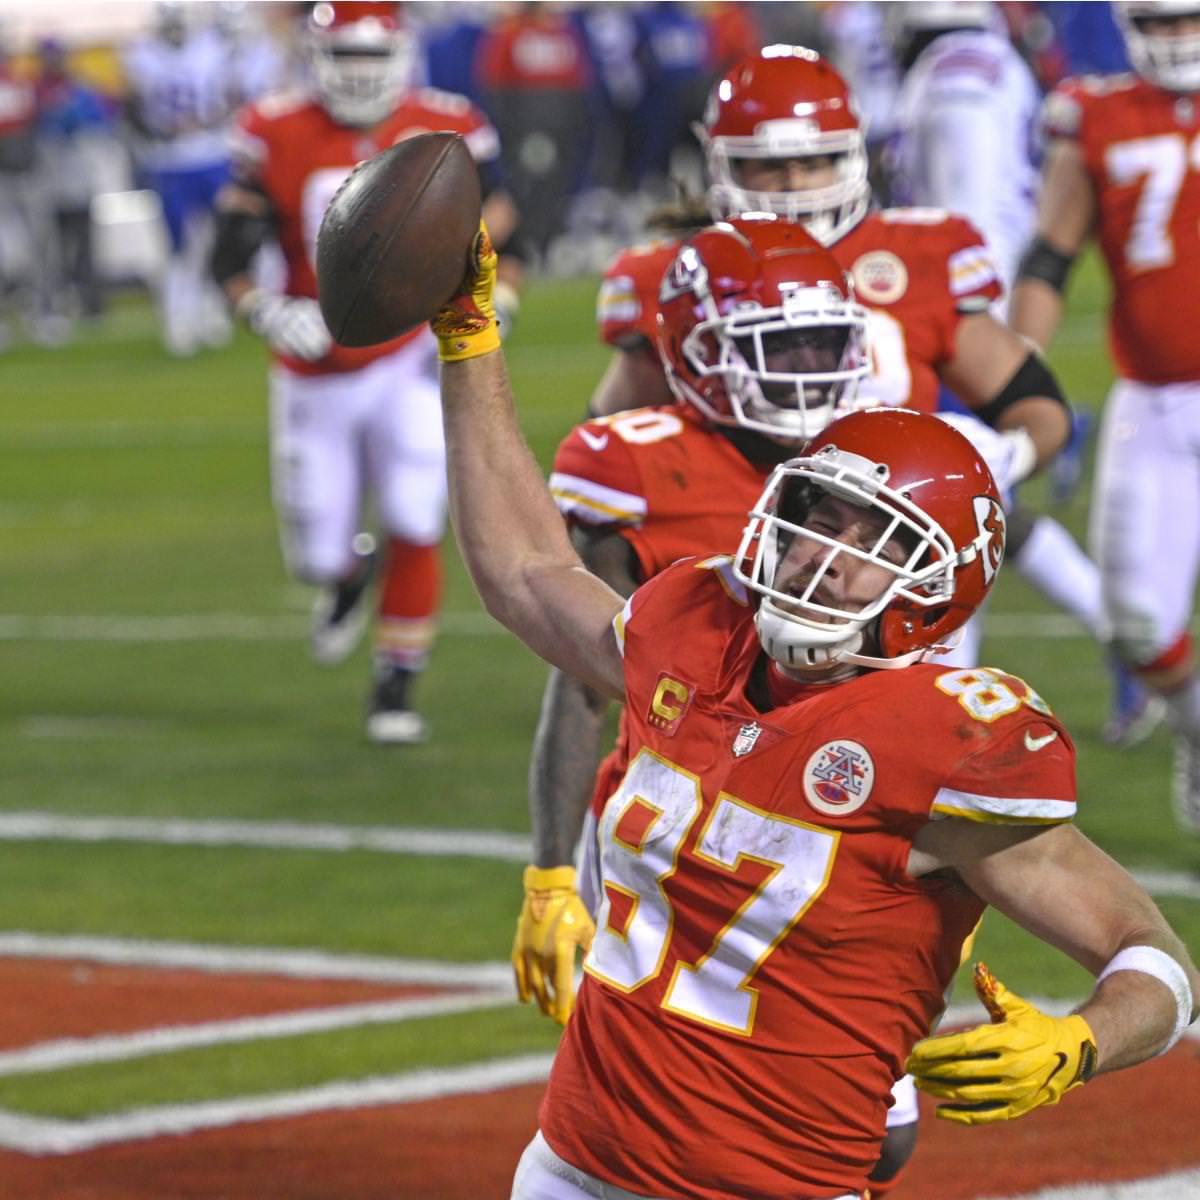 Chiefs vs. Buccaneers: últimas probabilidades e previsões para o Super Bowl 55